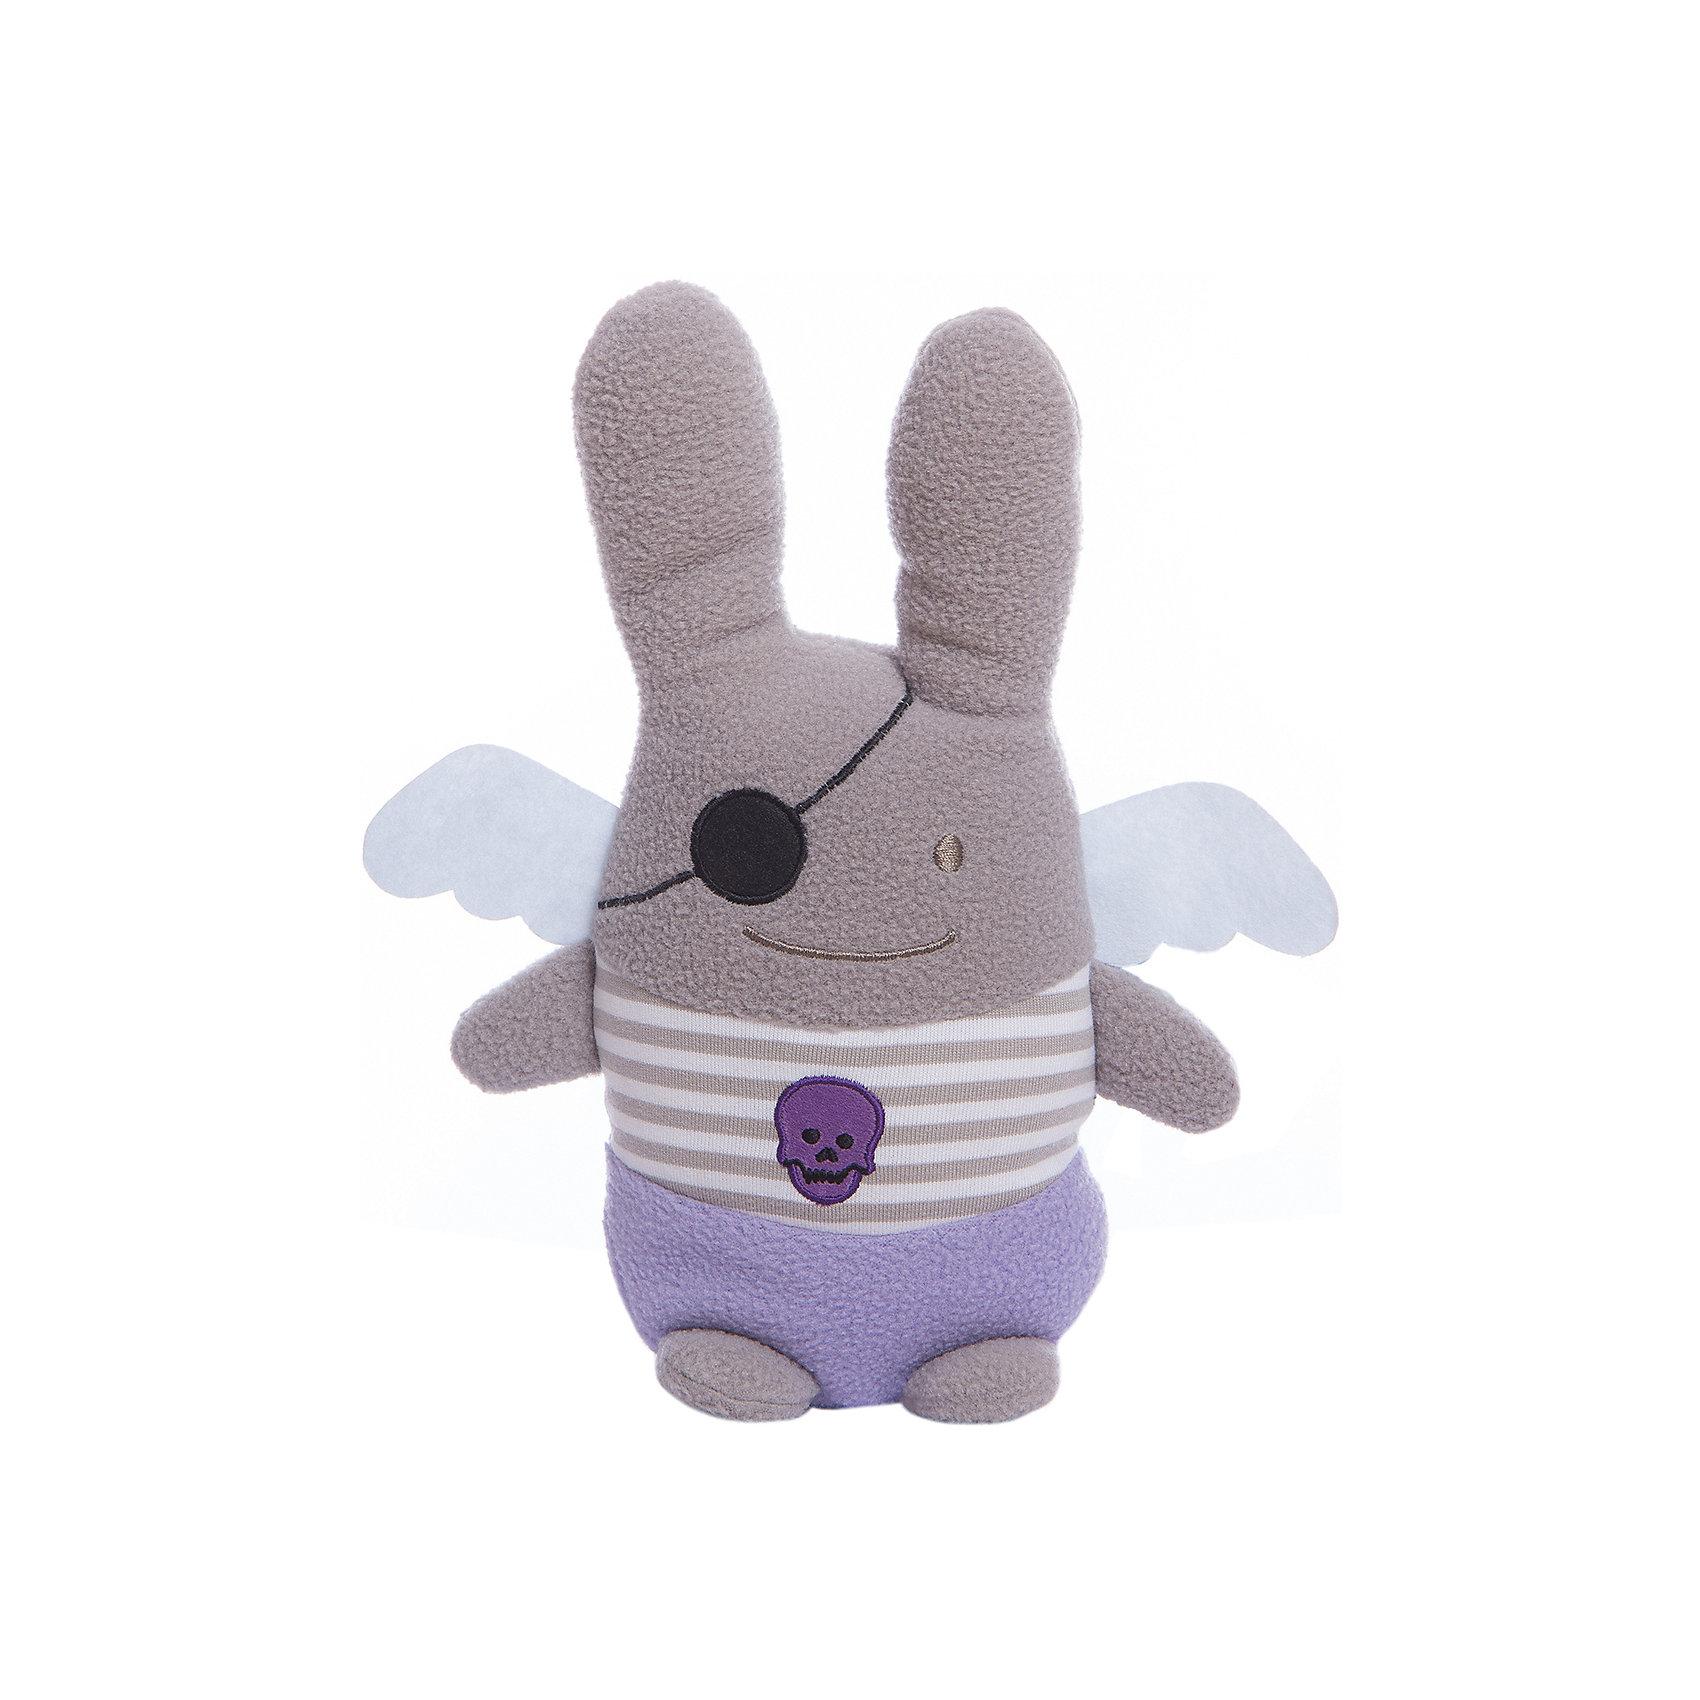 Мягкая игрушка Зайка с крылышками Пират, 26см, TrousselierЗайцы и кролики<br>Мягкая игрушка Зайка с крылышками Пират, 26см, Trousselier<br><br>Характеристики:<br><br>• Размер: 26 см<br>• Материал: текстиль, полиэстер, хлопок<br>• Возраст: от 0 месяцев<br><br>Серенький зайка с милыми крылышками станет другом для вашего малыша. Натуральный материал не вызывает аллергию и полностью безопасен для нежной кожи. Малыш сможет спать с зайкой, с первых дней своей жизни, а дальше играть с ним представляя себя капитаном пиратского судна.<br><br>Мягкая игрушка Зайка с крылышками Пират, 26см, Trousselier можно купить в нашем интернет-магазине.<br><br>Ширина мм: 190<br>Глубина мм: 190<br>Высота мм: 90<br>Вес г: 240<br>Возраст от месяцев: -2147483648<br>Возраст до месяцев: 2147483647<br>Пол: Унисекс<br>Возраст: Детский<br>SKU: 4964805